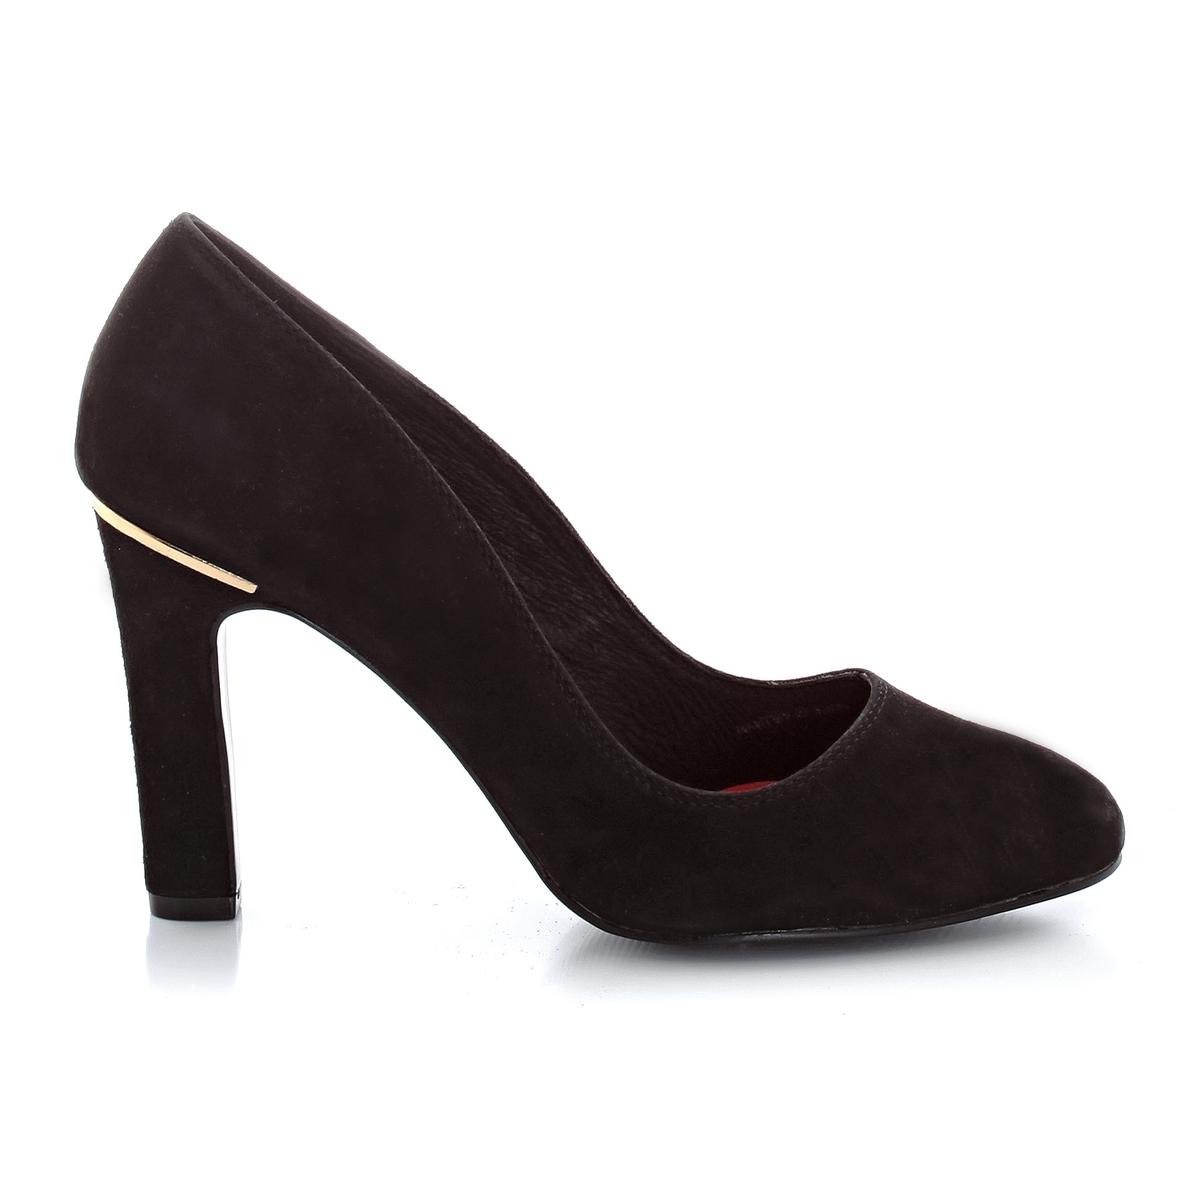 Туфли из нубуковой кожи с золотистыми деталями, на каблукеВыполненные из очень мягкой кожи, эти туфли подчеркнут стройные ноги и привлекут внимание золотистыми деталями : женственность и элегантность в туфлях Elle !     Верх : телячья кожа    Подкладка : кожа   Стелька : кожа   Подошва : синтетика   Застежка : без застежки   Высота каблука : 10 см<br><br>Цвет: черный<br>Размер: 38